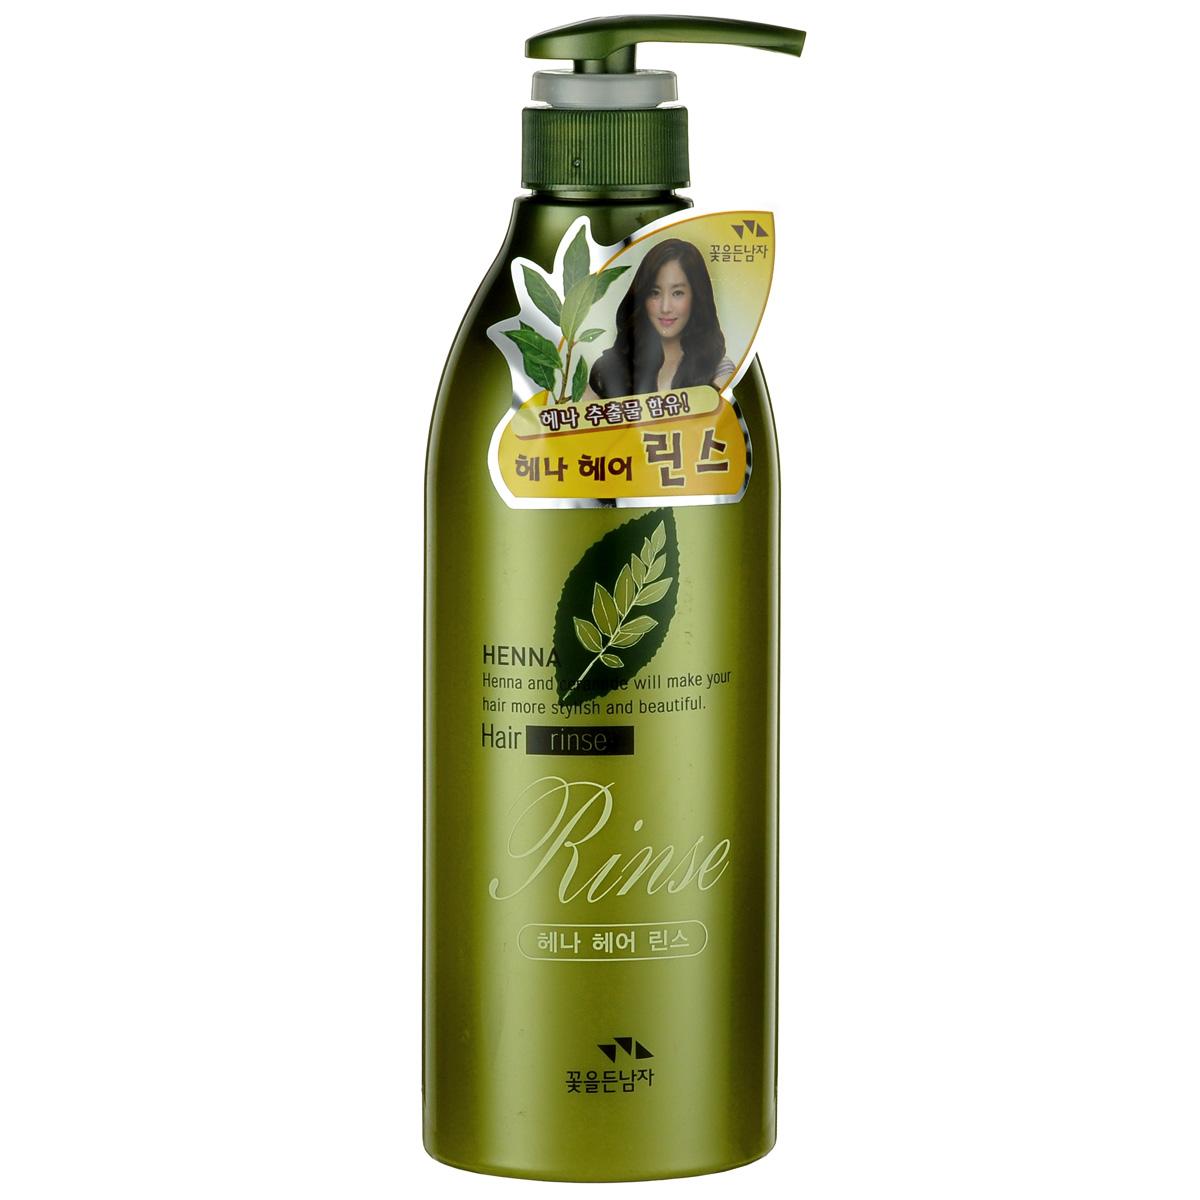 Somang Henna Кондиционер для волос, 720 млFS-36054Придает волосам естественную мягкость, пышность и послушность. Содержит экстракт цветов Даурской Розы, керамид и глицерин. Для всех типов волос. Подходит для ежедневного использования. Хна (Henna) используется в медицине и косметологии на протяжении тысяч лет. Под воздействием содержащихся в хне веществ, сжимается и уплотняется кутикула. Бесцветная хна лечит перхоть, укрепляет корни волос, препятствуя их выпадению, и отлично кондиционирует волосы, придавая им густоту и блеск.